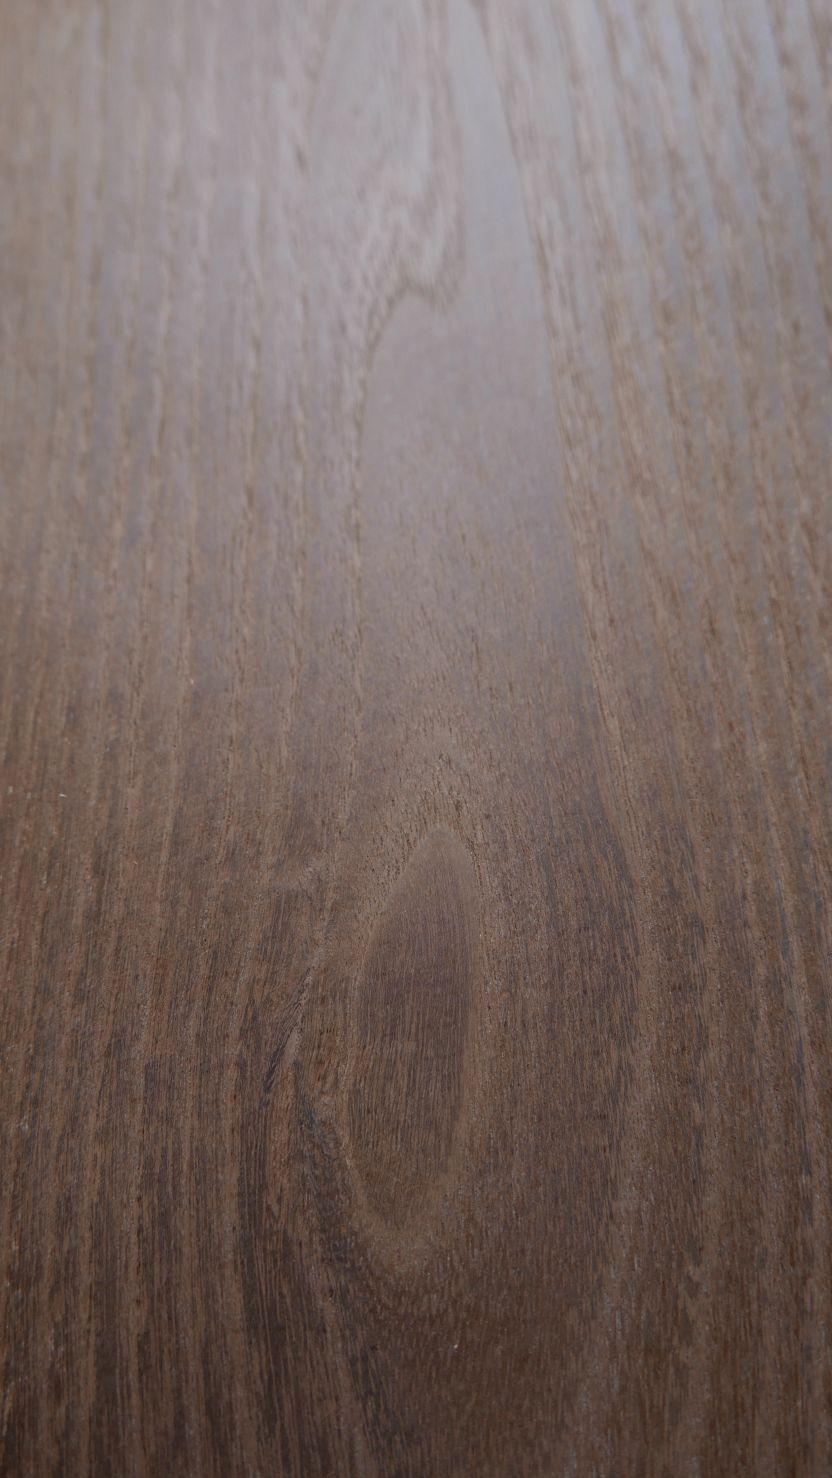 A039-1 Acacia Gerookt 25-26x103cm 9st